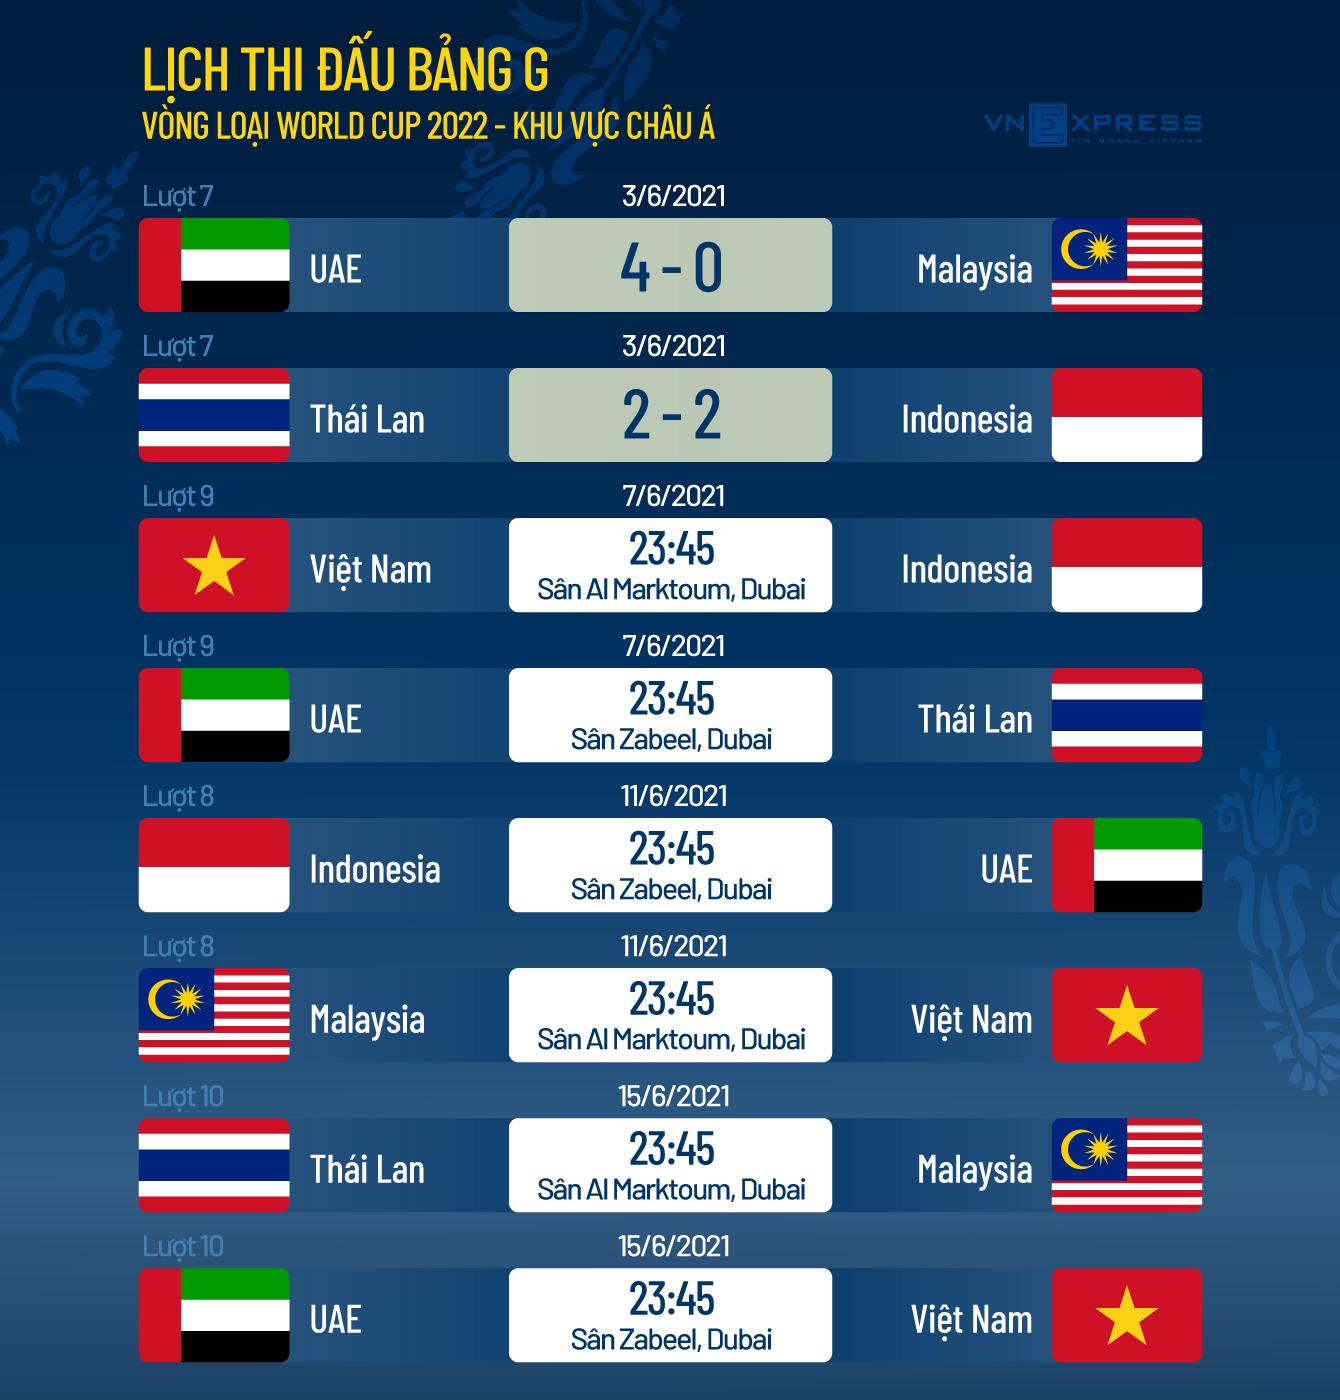 Evan Dimas: อินโดนีเซียจะดียิ่งขึ้นเมื่อพบกับเวียดนาม - 2